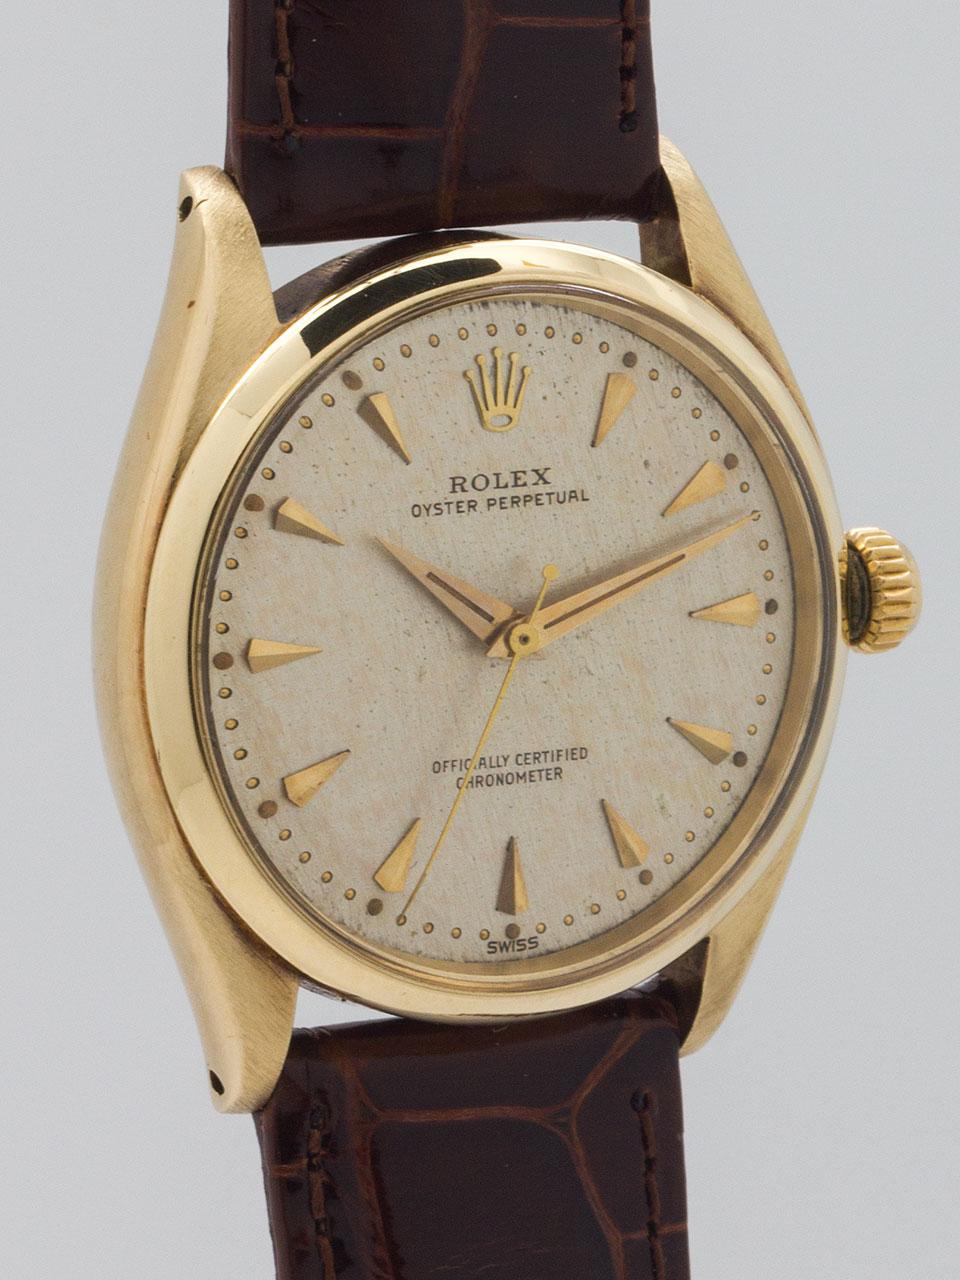 Rolex Oyster Perpetual ref 6564 14K YG circa 1960